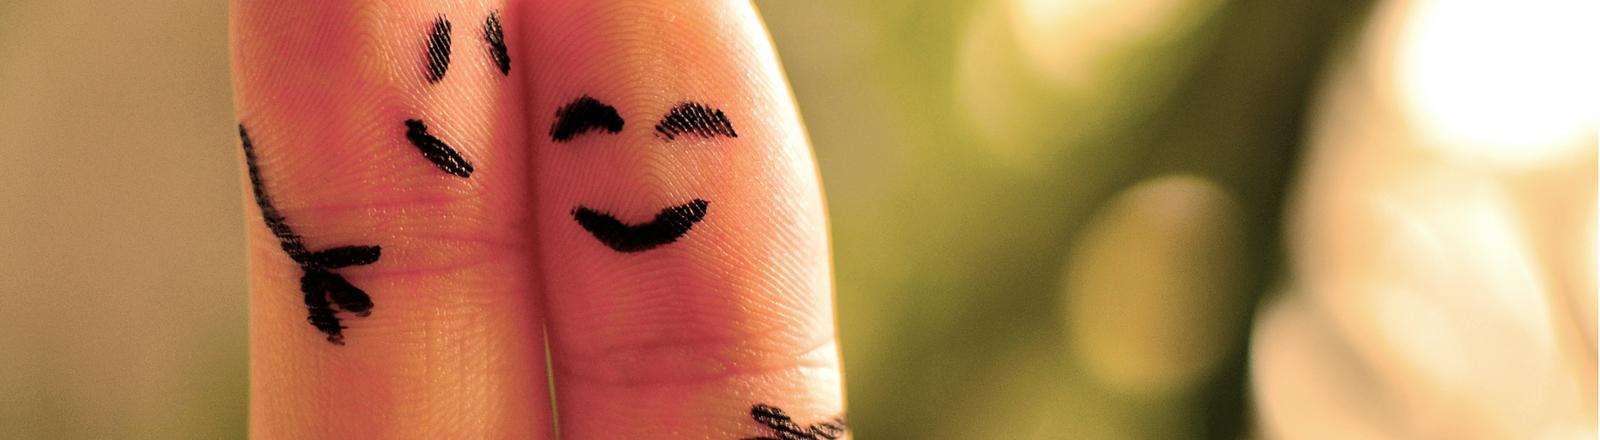 Zwei Finger mit aufgemalten Gesichtern